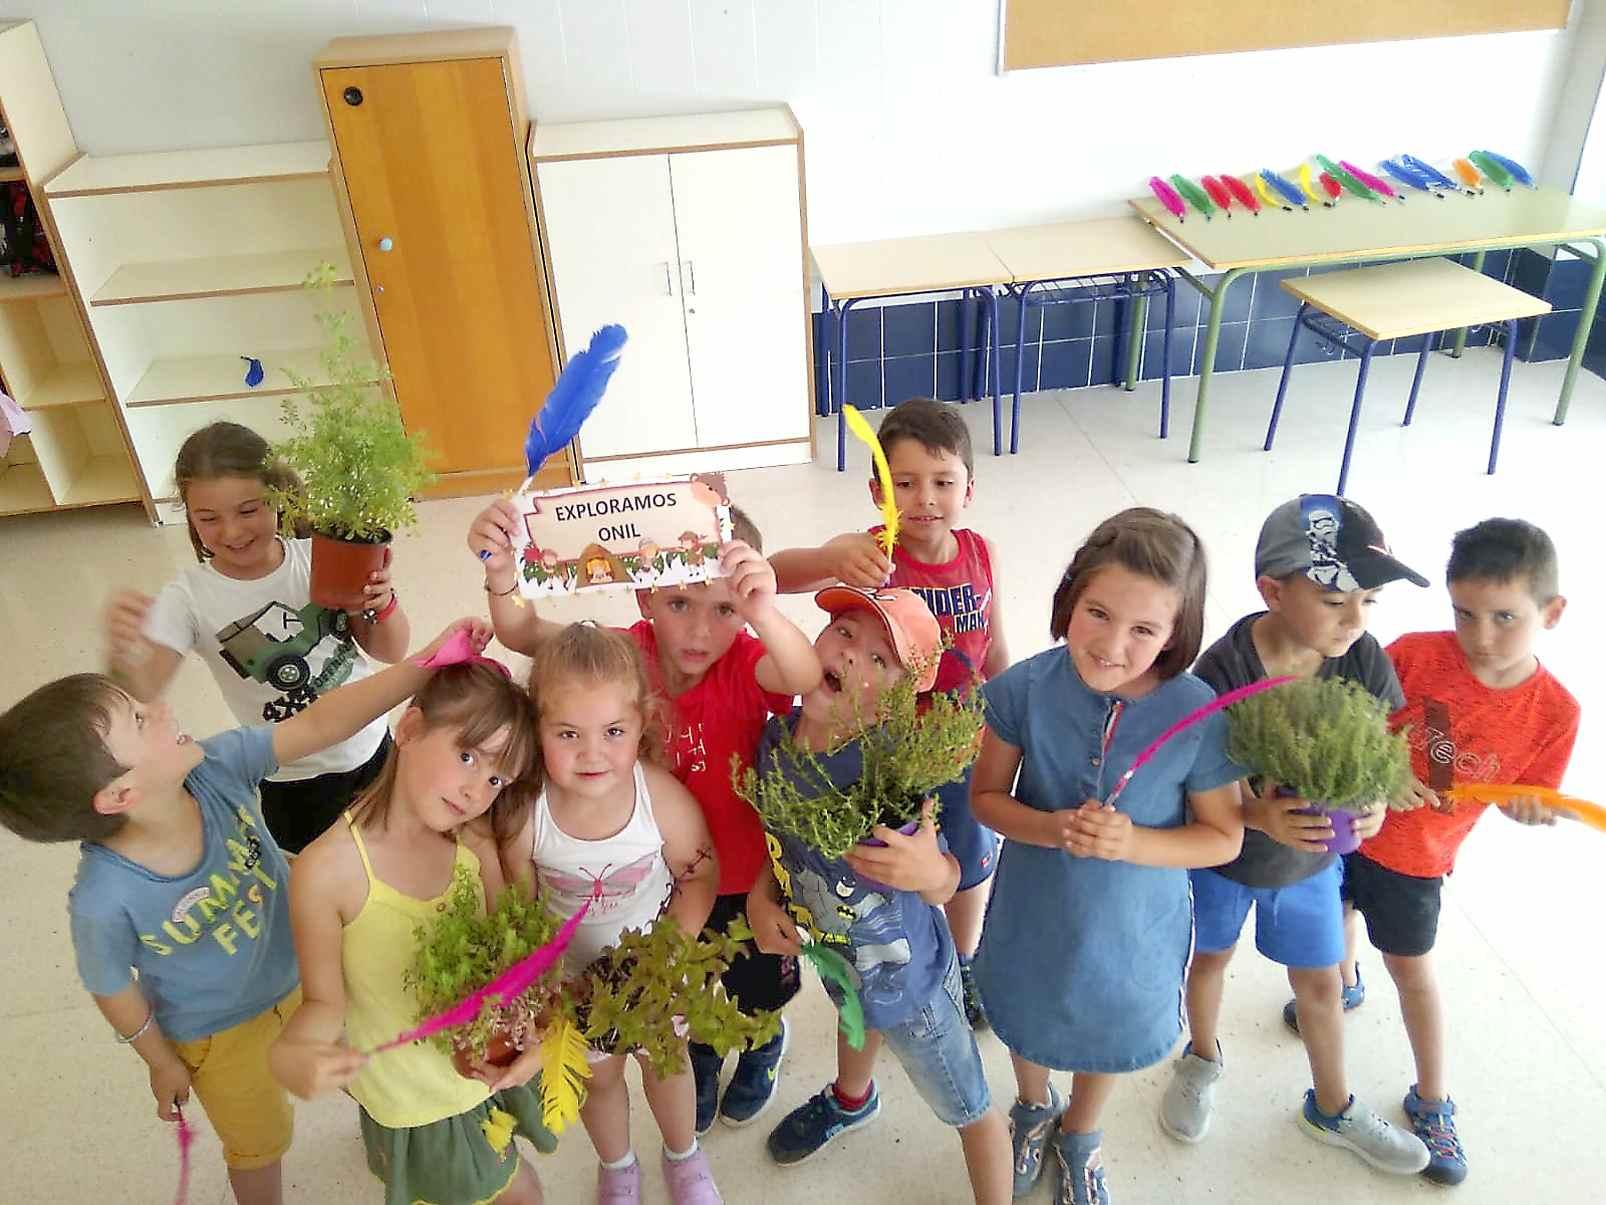 Uns 180 xiquets i xiquetes participen en l'Escola d'Estiu d'Onil